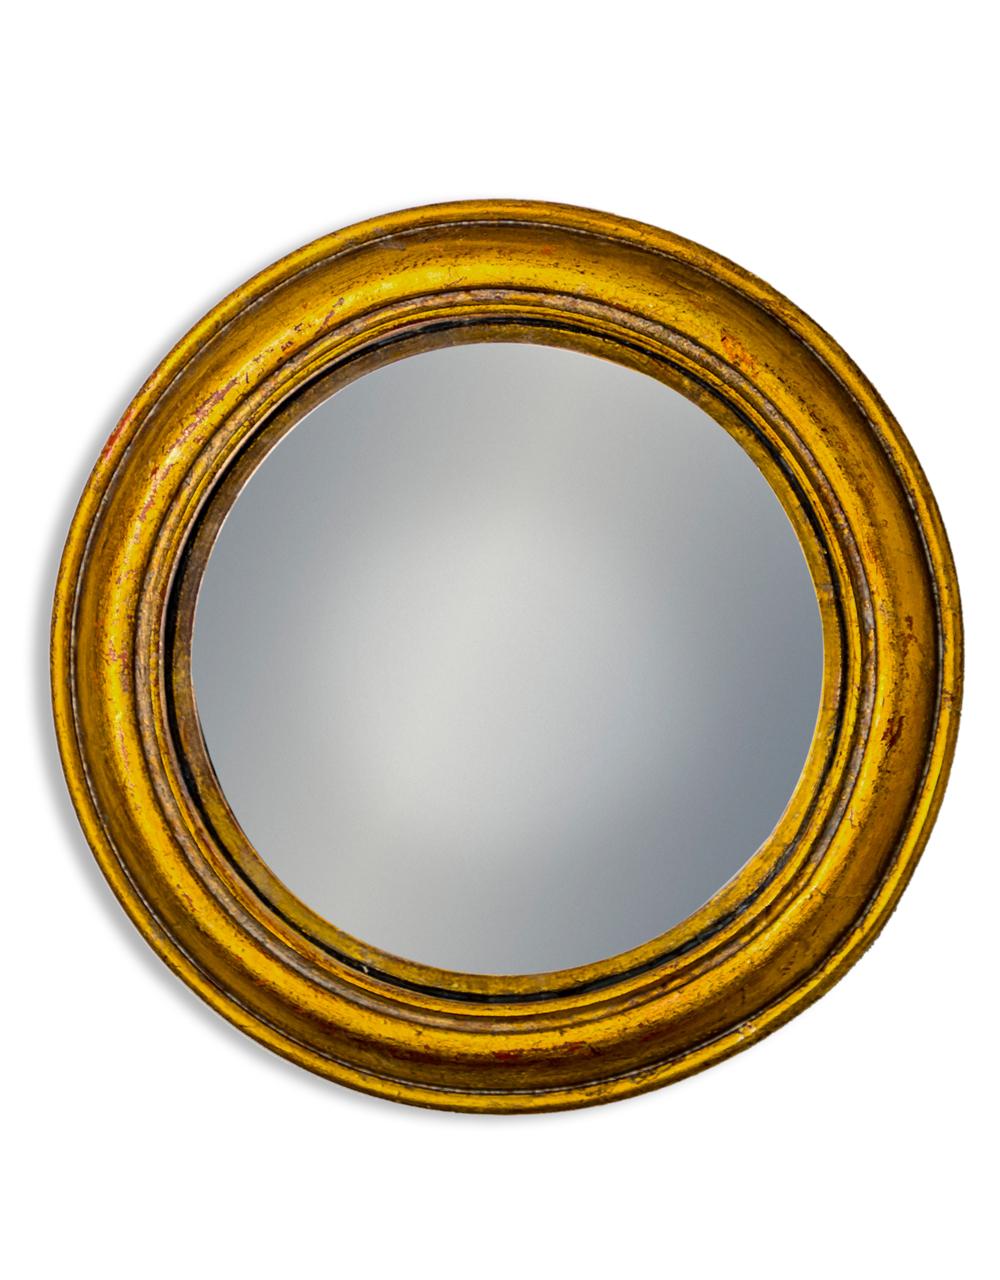 Gold Rounded Framed Medium Convex Mirror